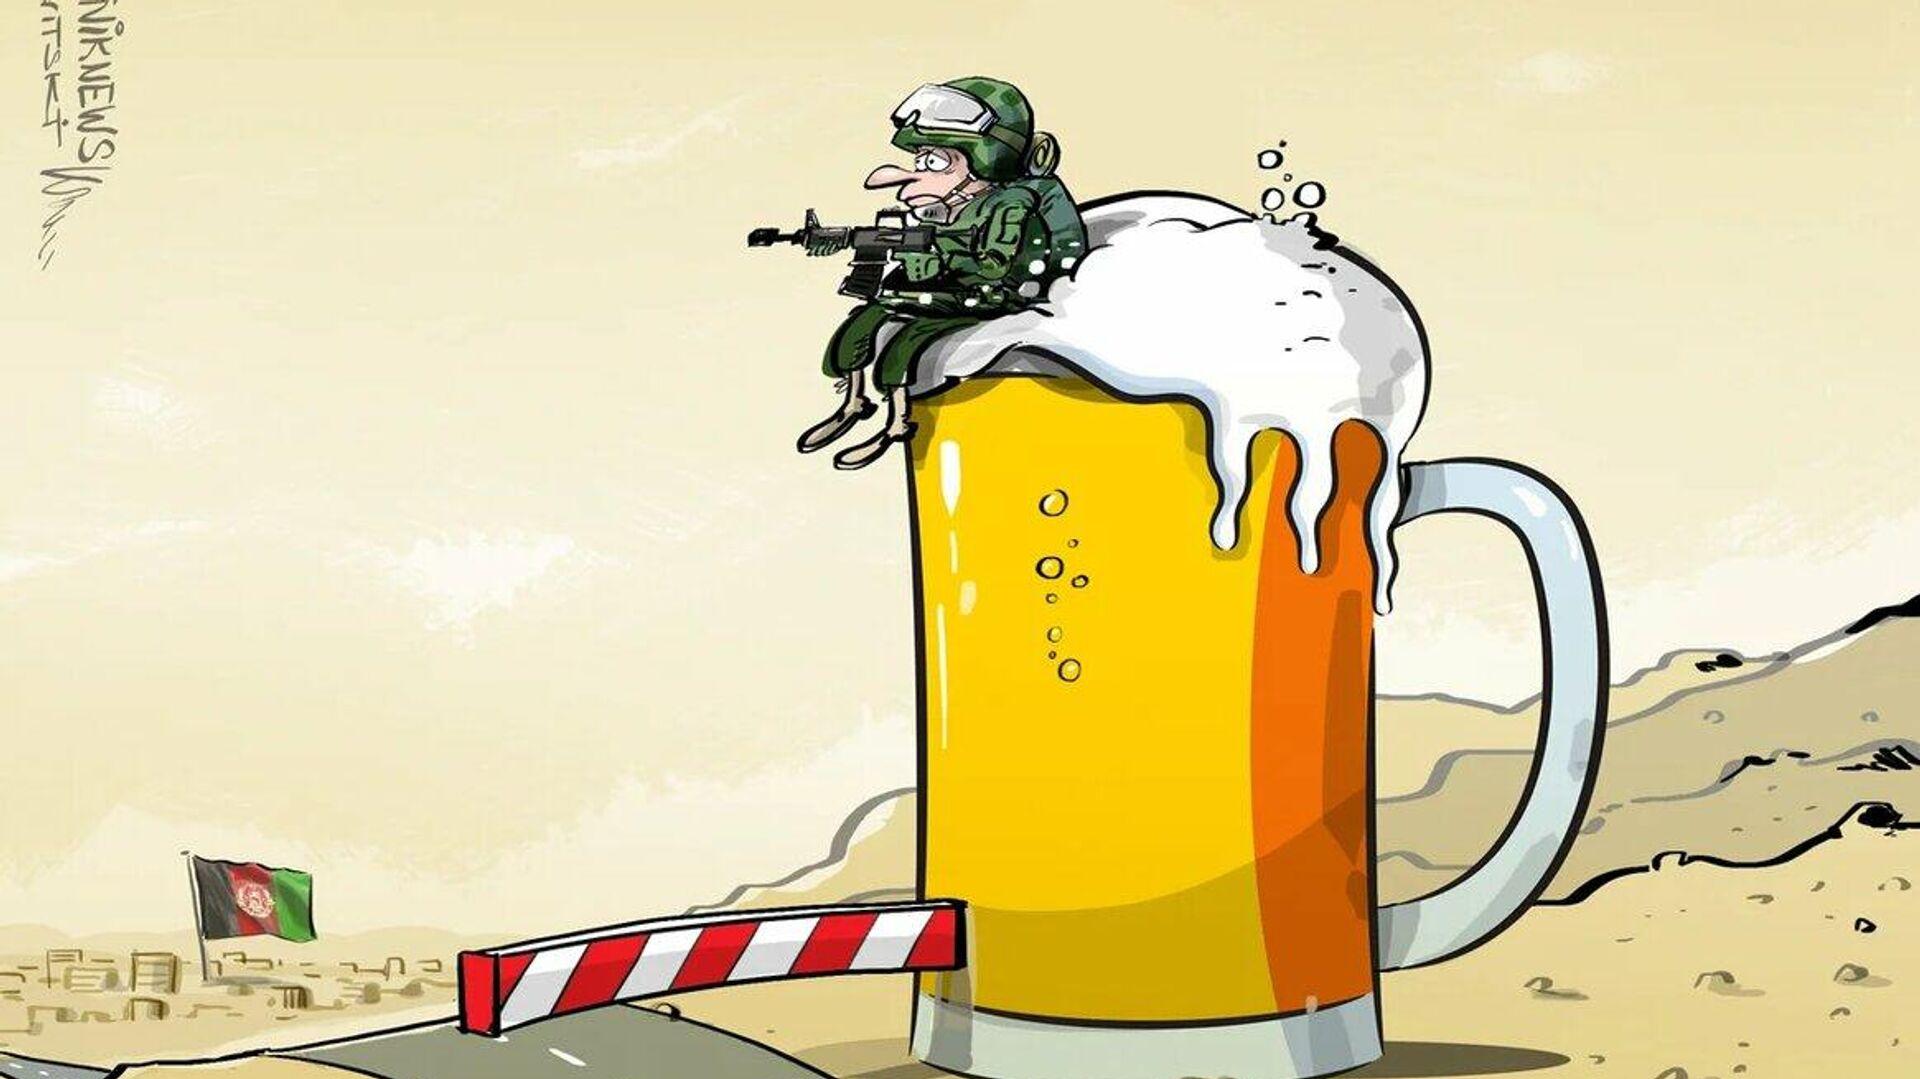 Němci nechali v Afghánistánu hodně piva - Sputnik Česká republika, 1920, 08.06.2021